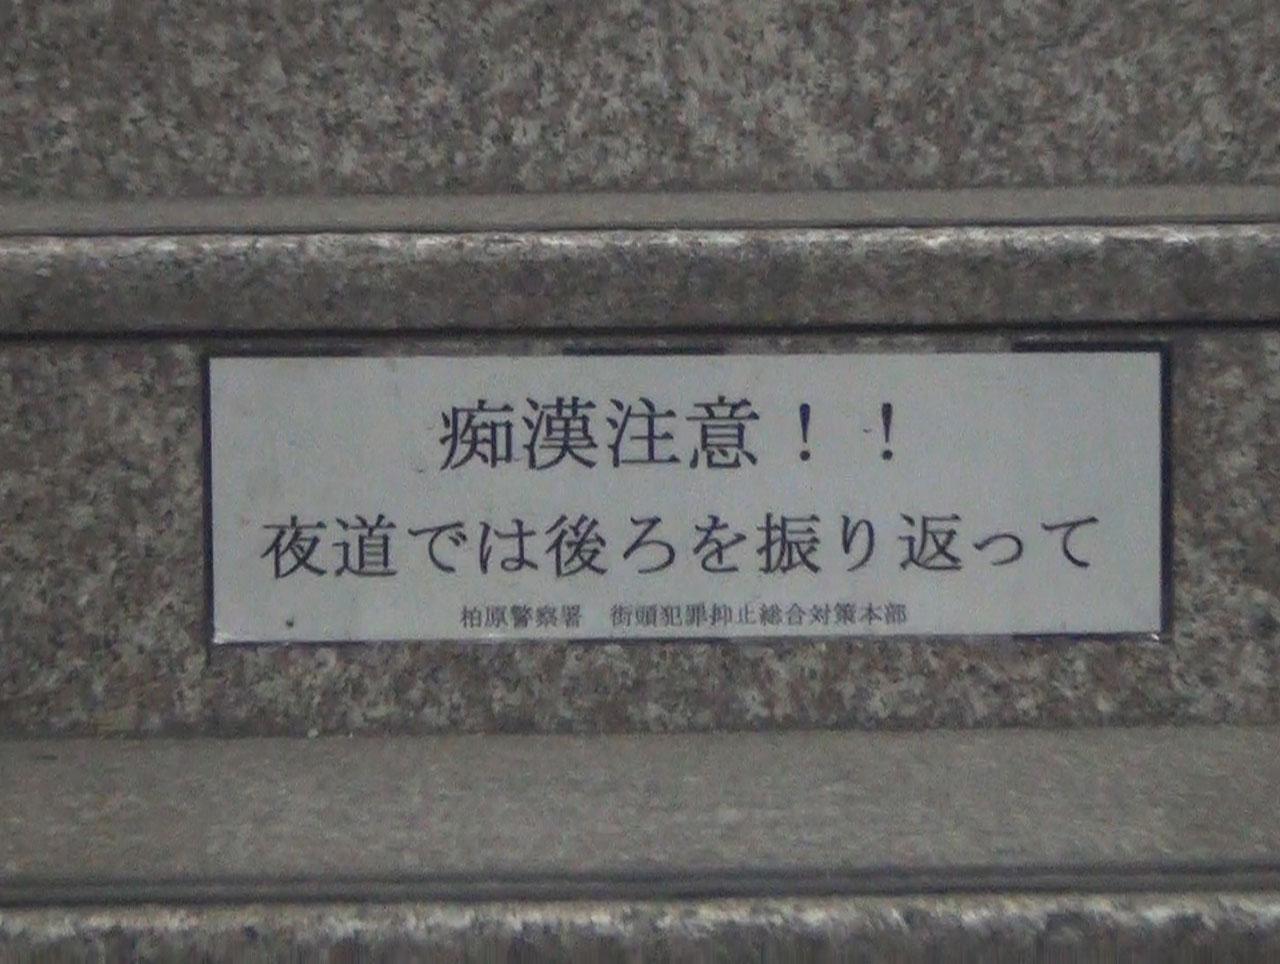 嫌な看板画像02